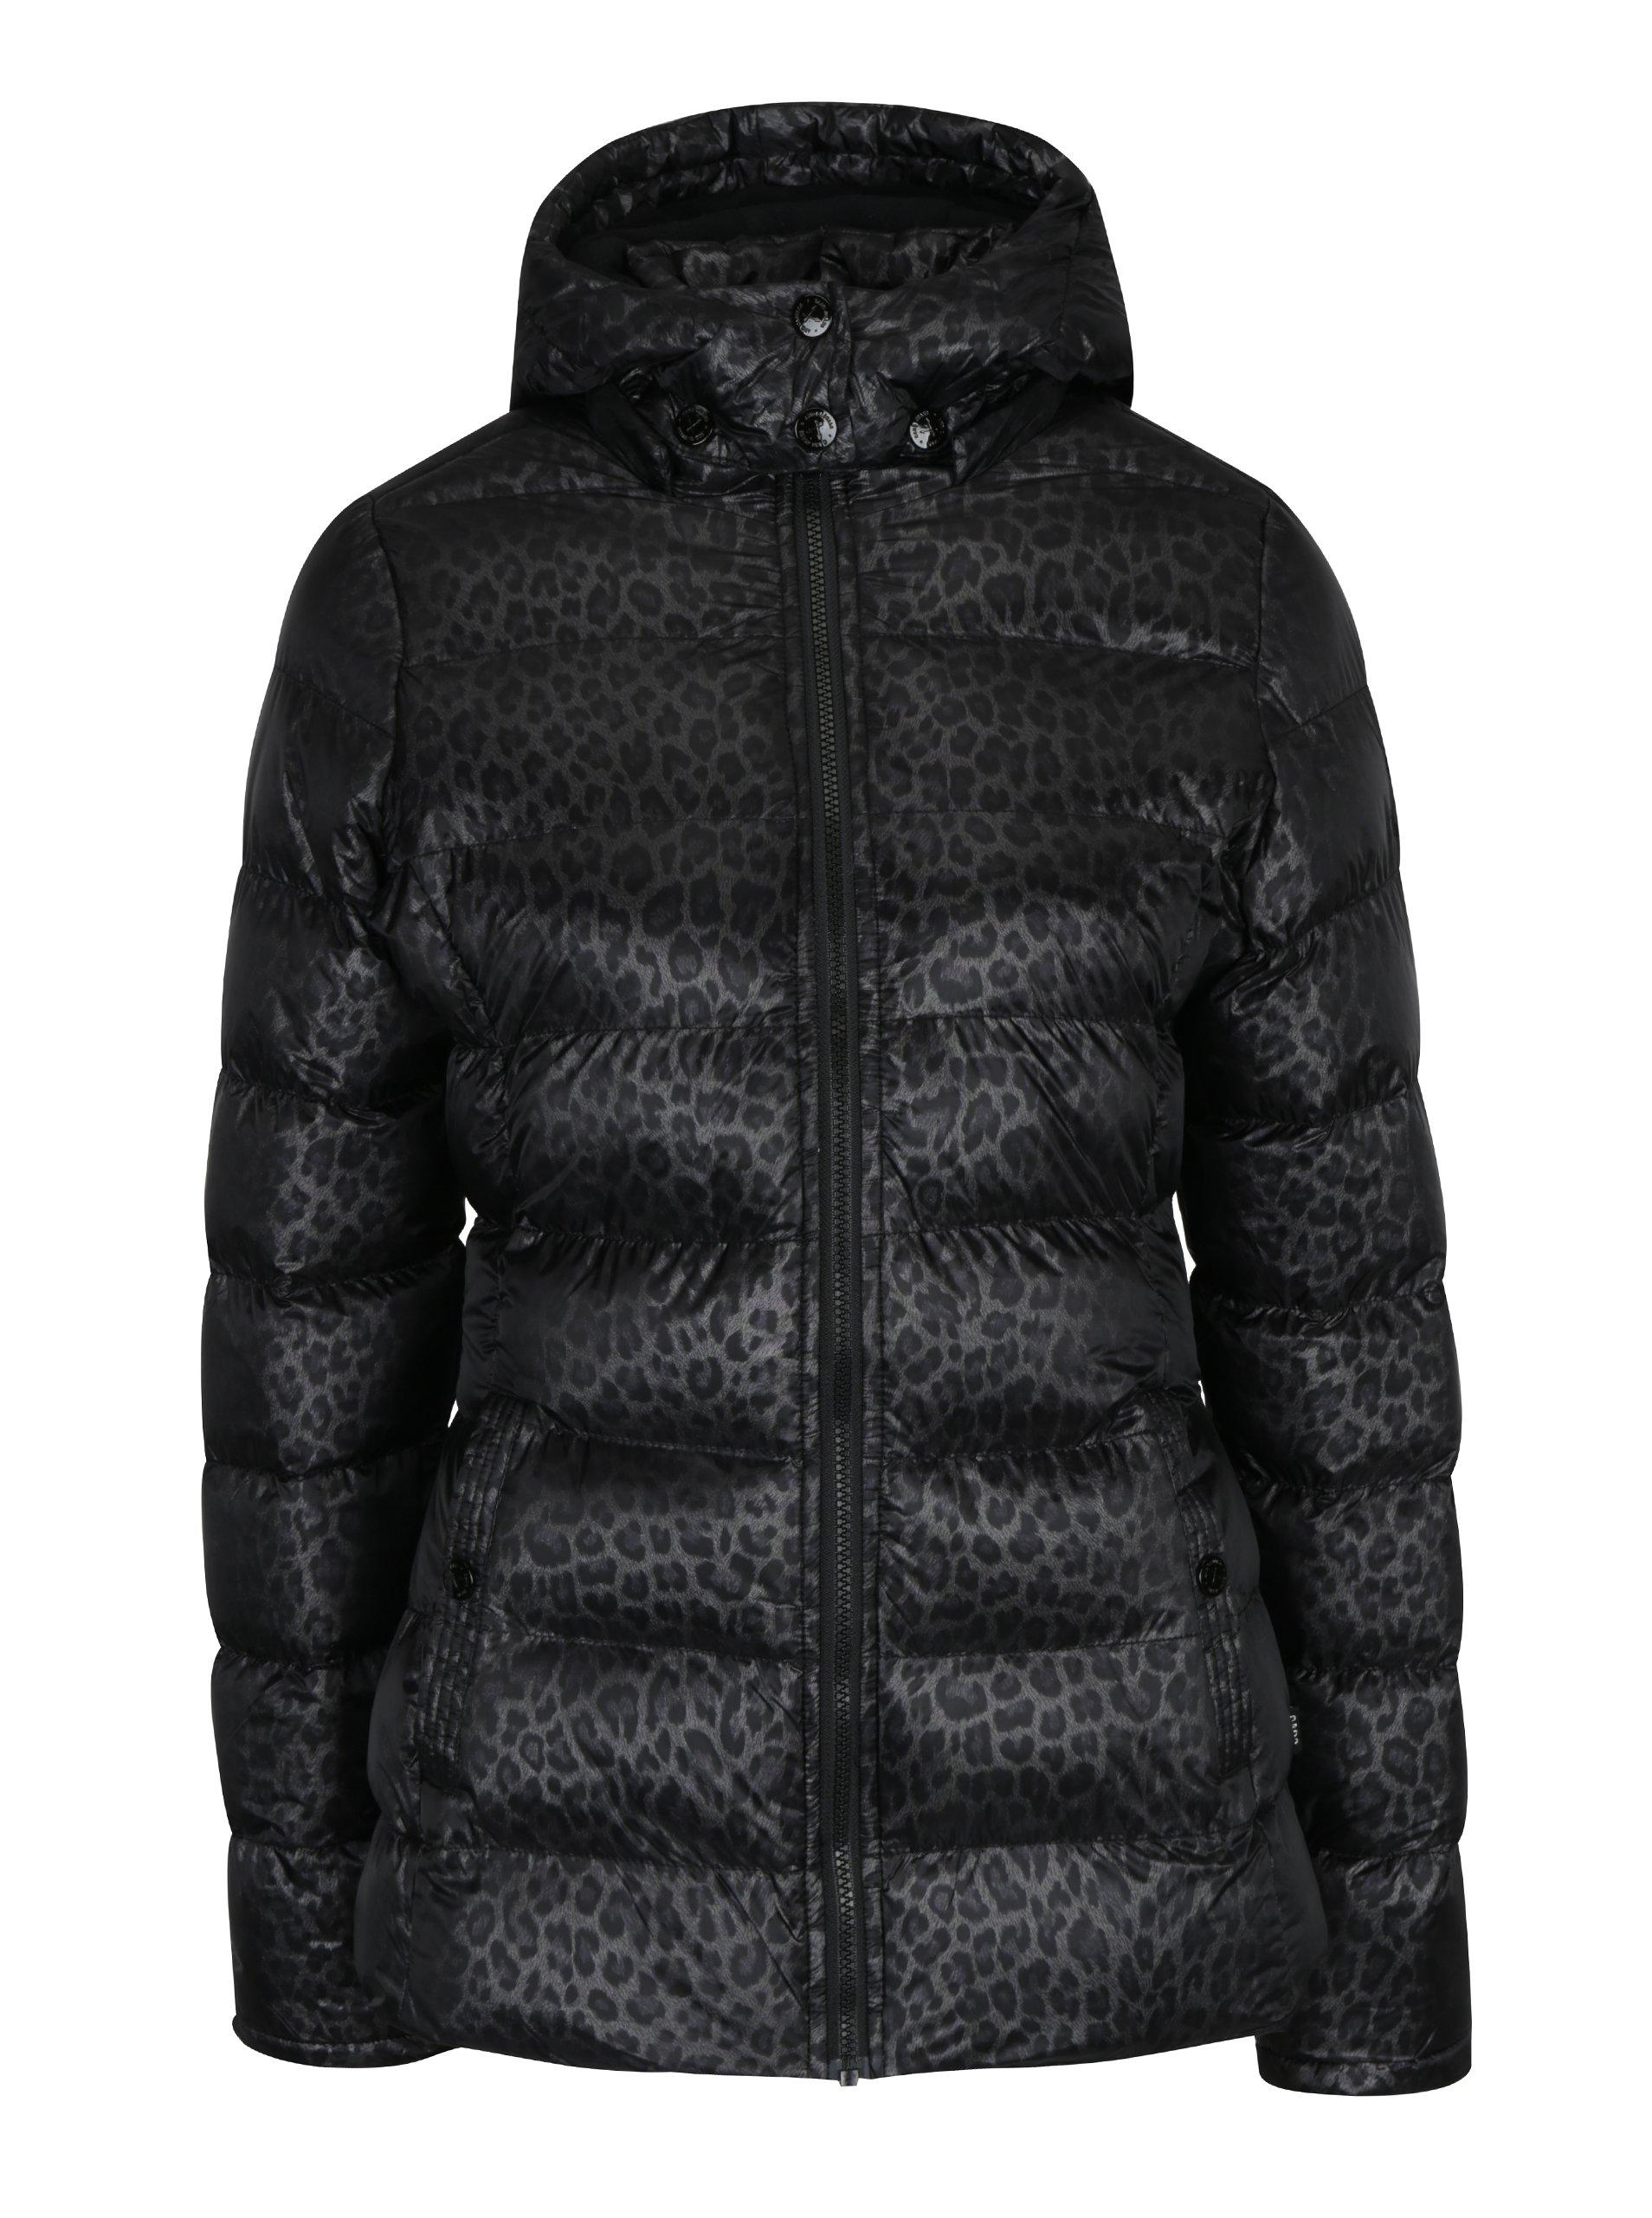 b95edc3b9d Čierna dámska prešívaná vzorovaná bunda s kapucňou Cars Metti